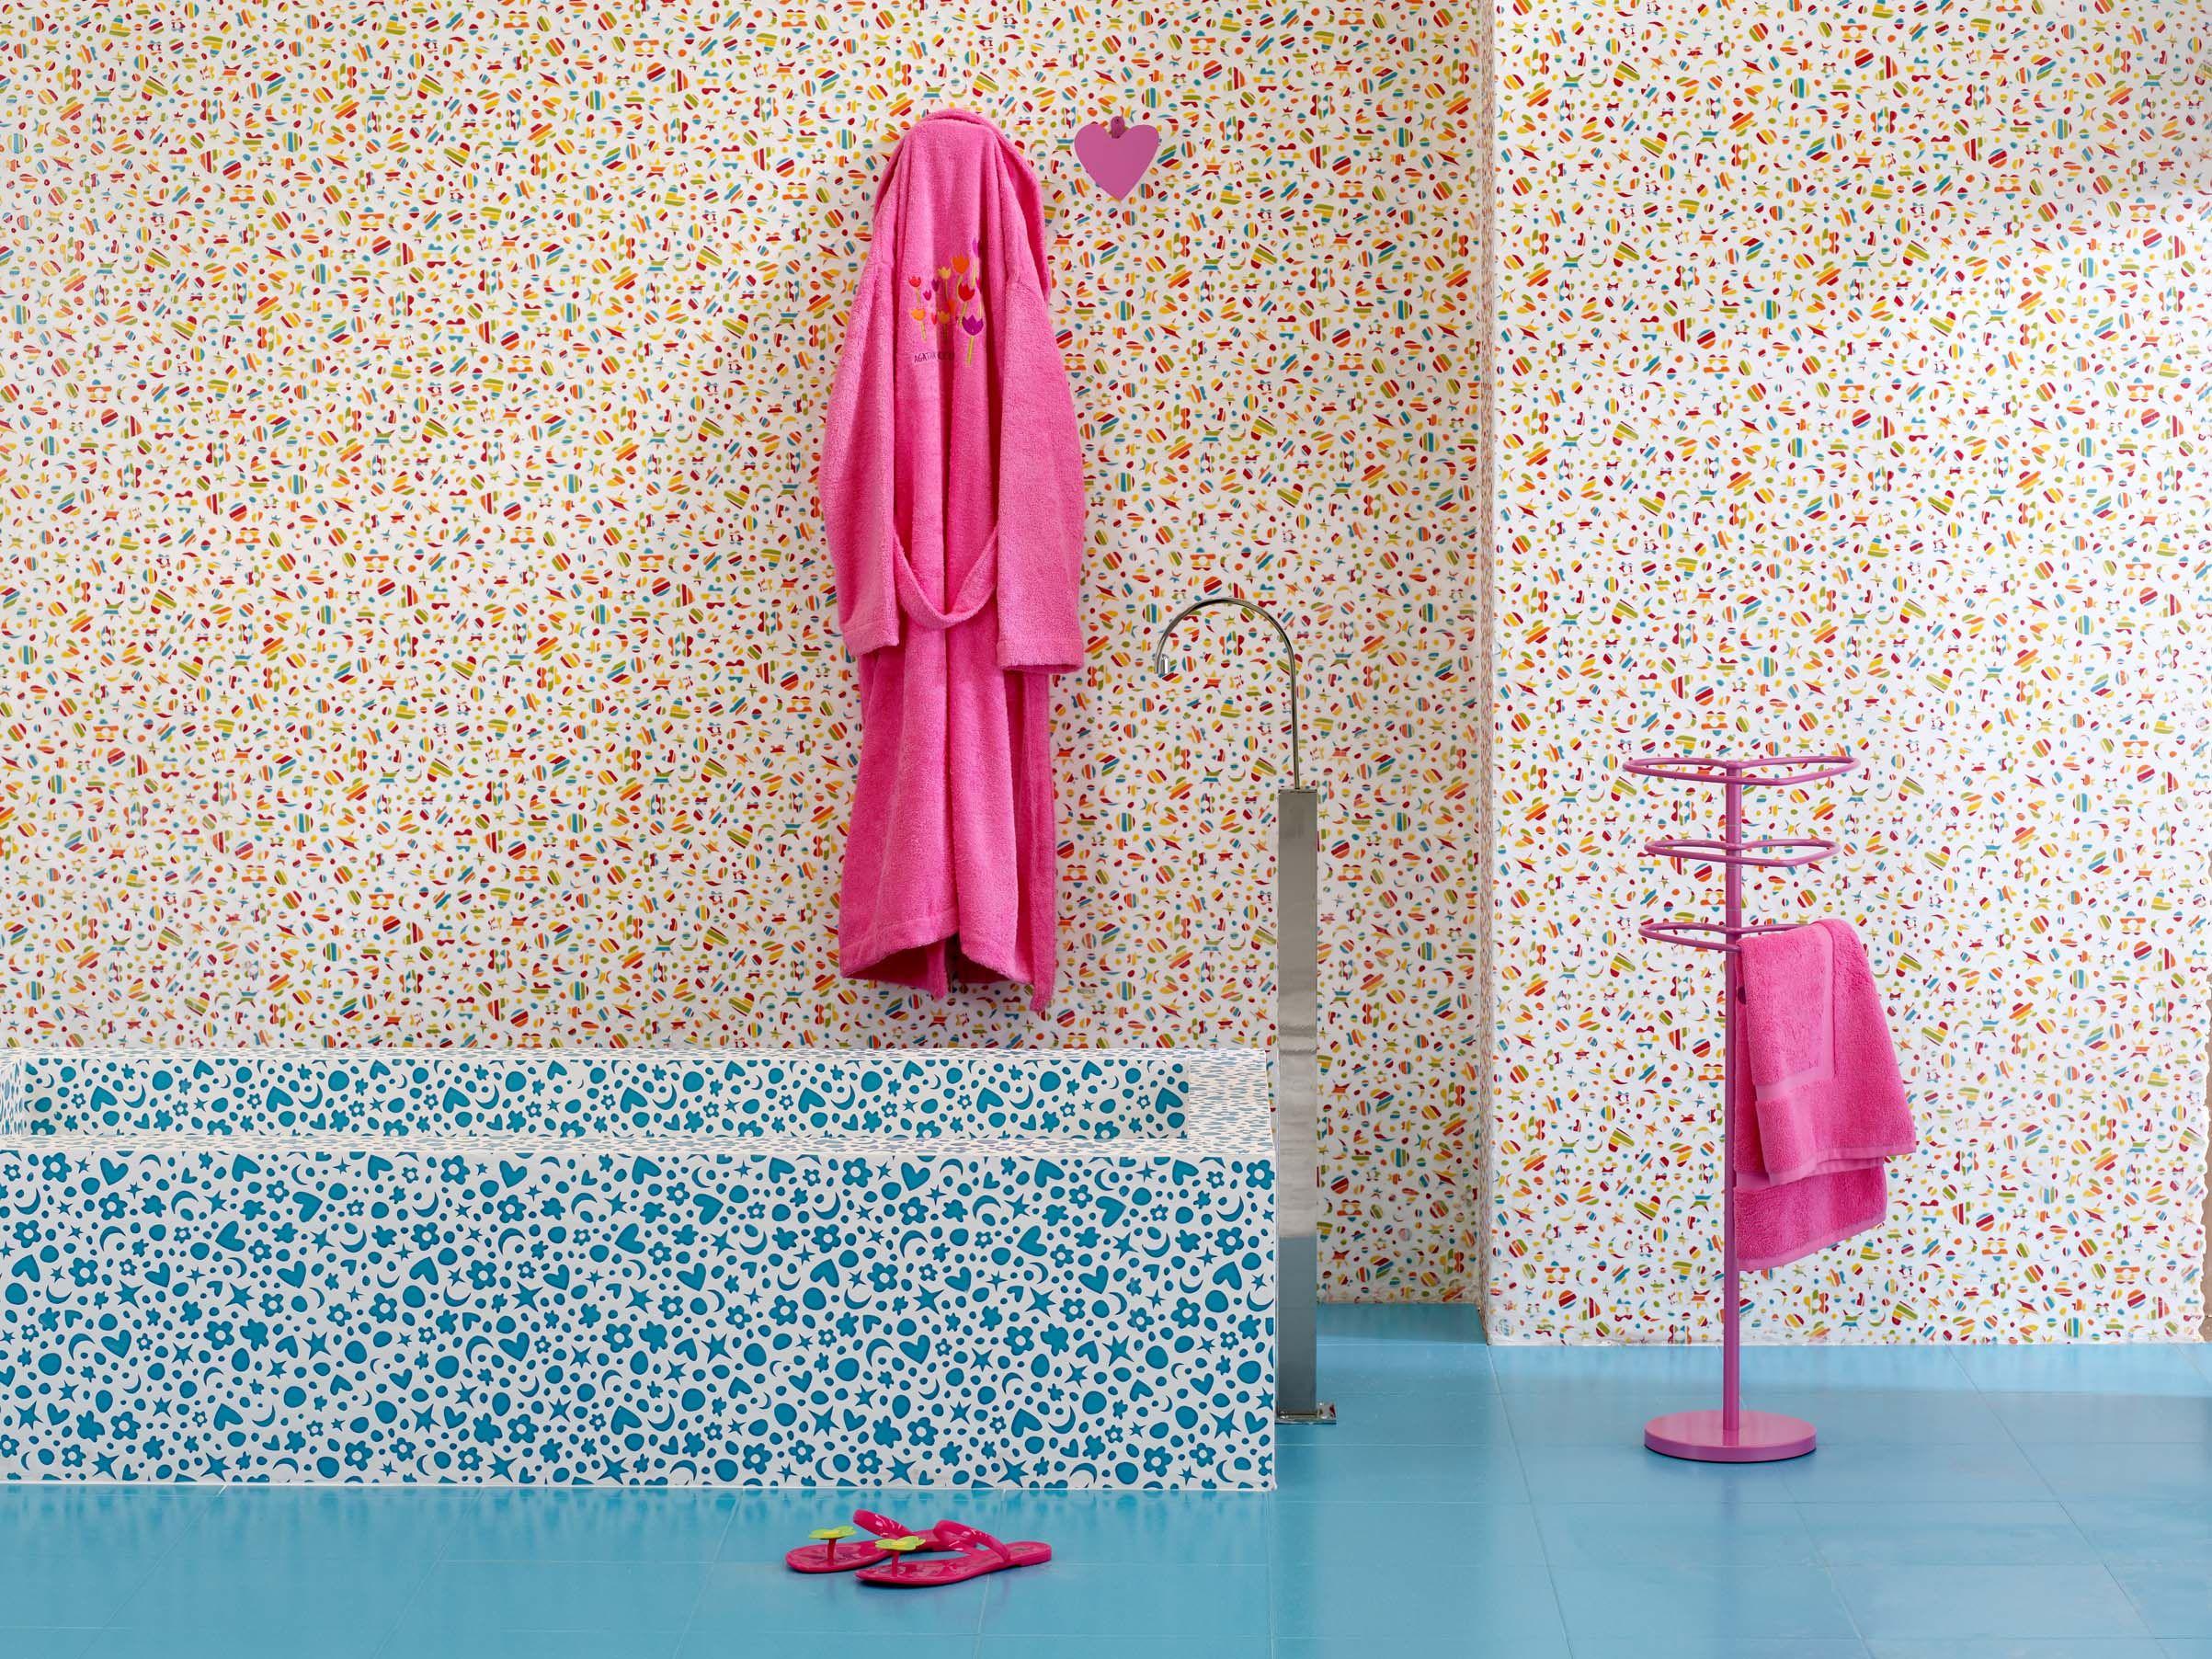 Valli Arredobagno ~ Valli #arredobagno colorata proposta per vasca da bagno con